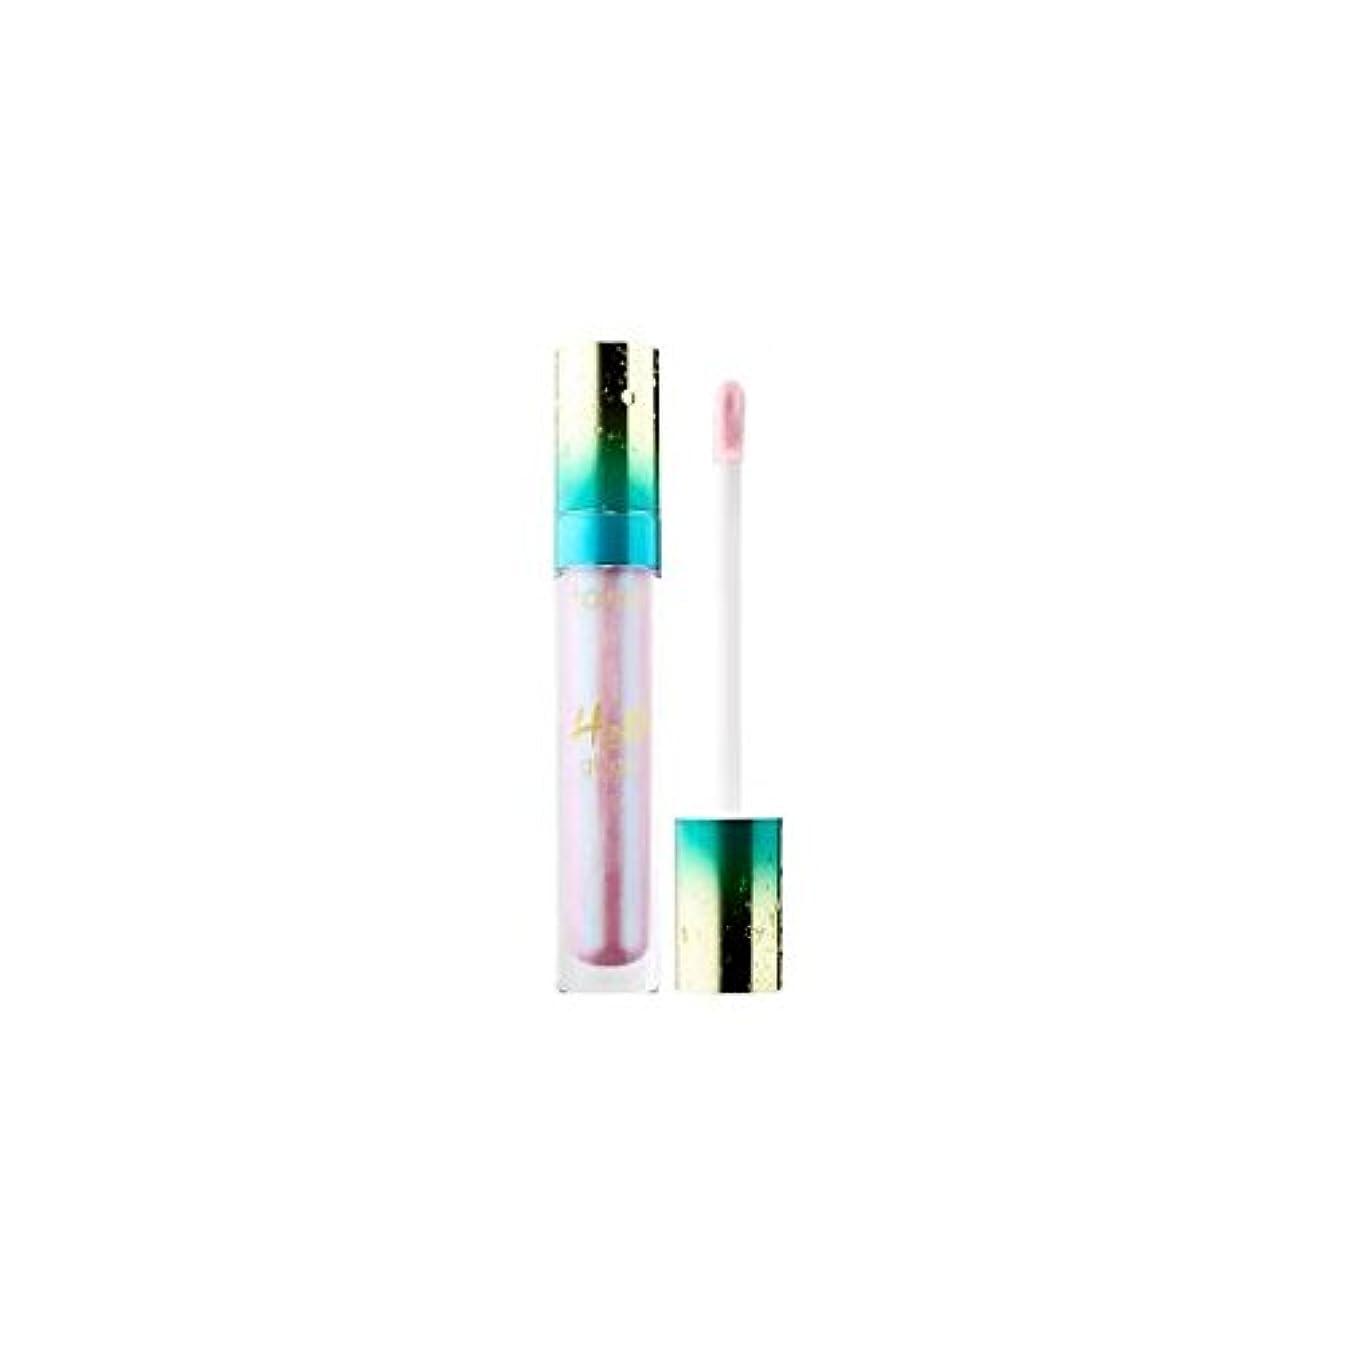 嫌悪基礎理論クスコtarteタルト リップ グロス H2O Lip Gloss - Rainforest of the Sea Collection Shimmer finish